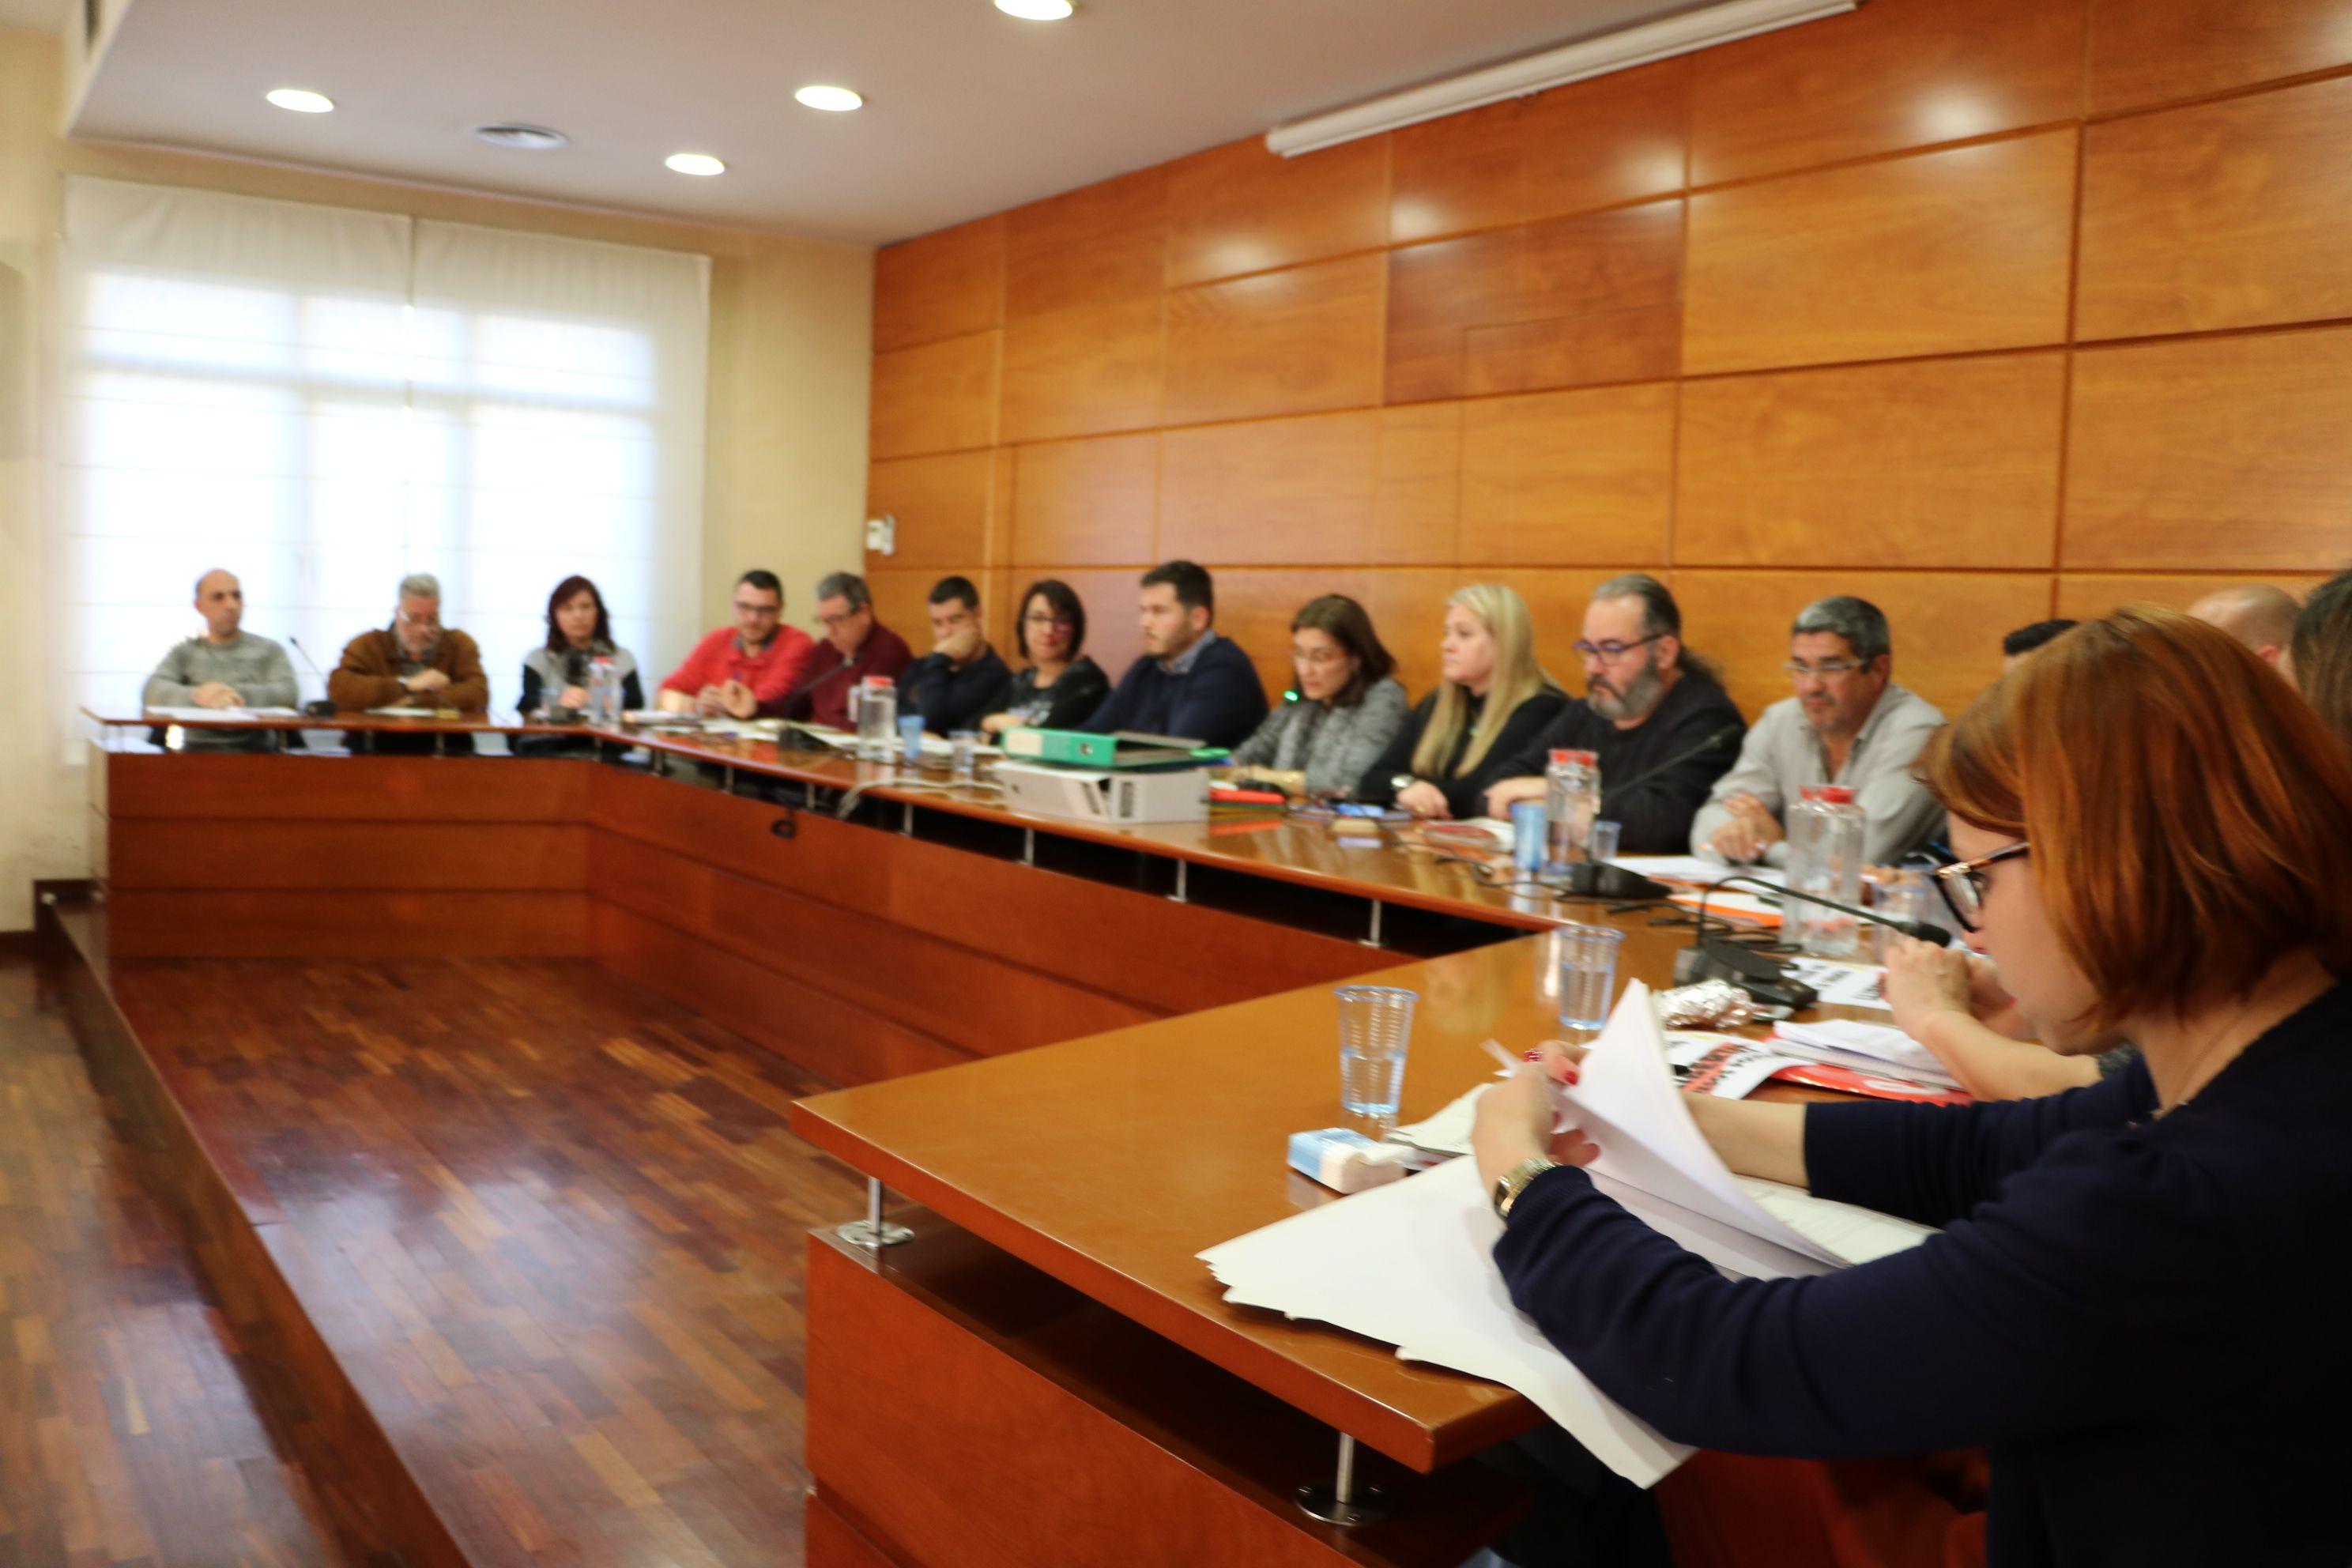 La Llagosta reclama prop de mig milió d'euros a la Generalitat pels impagaments de l'Escola Bressol Municipal